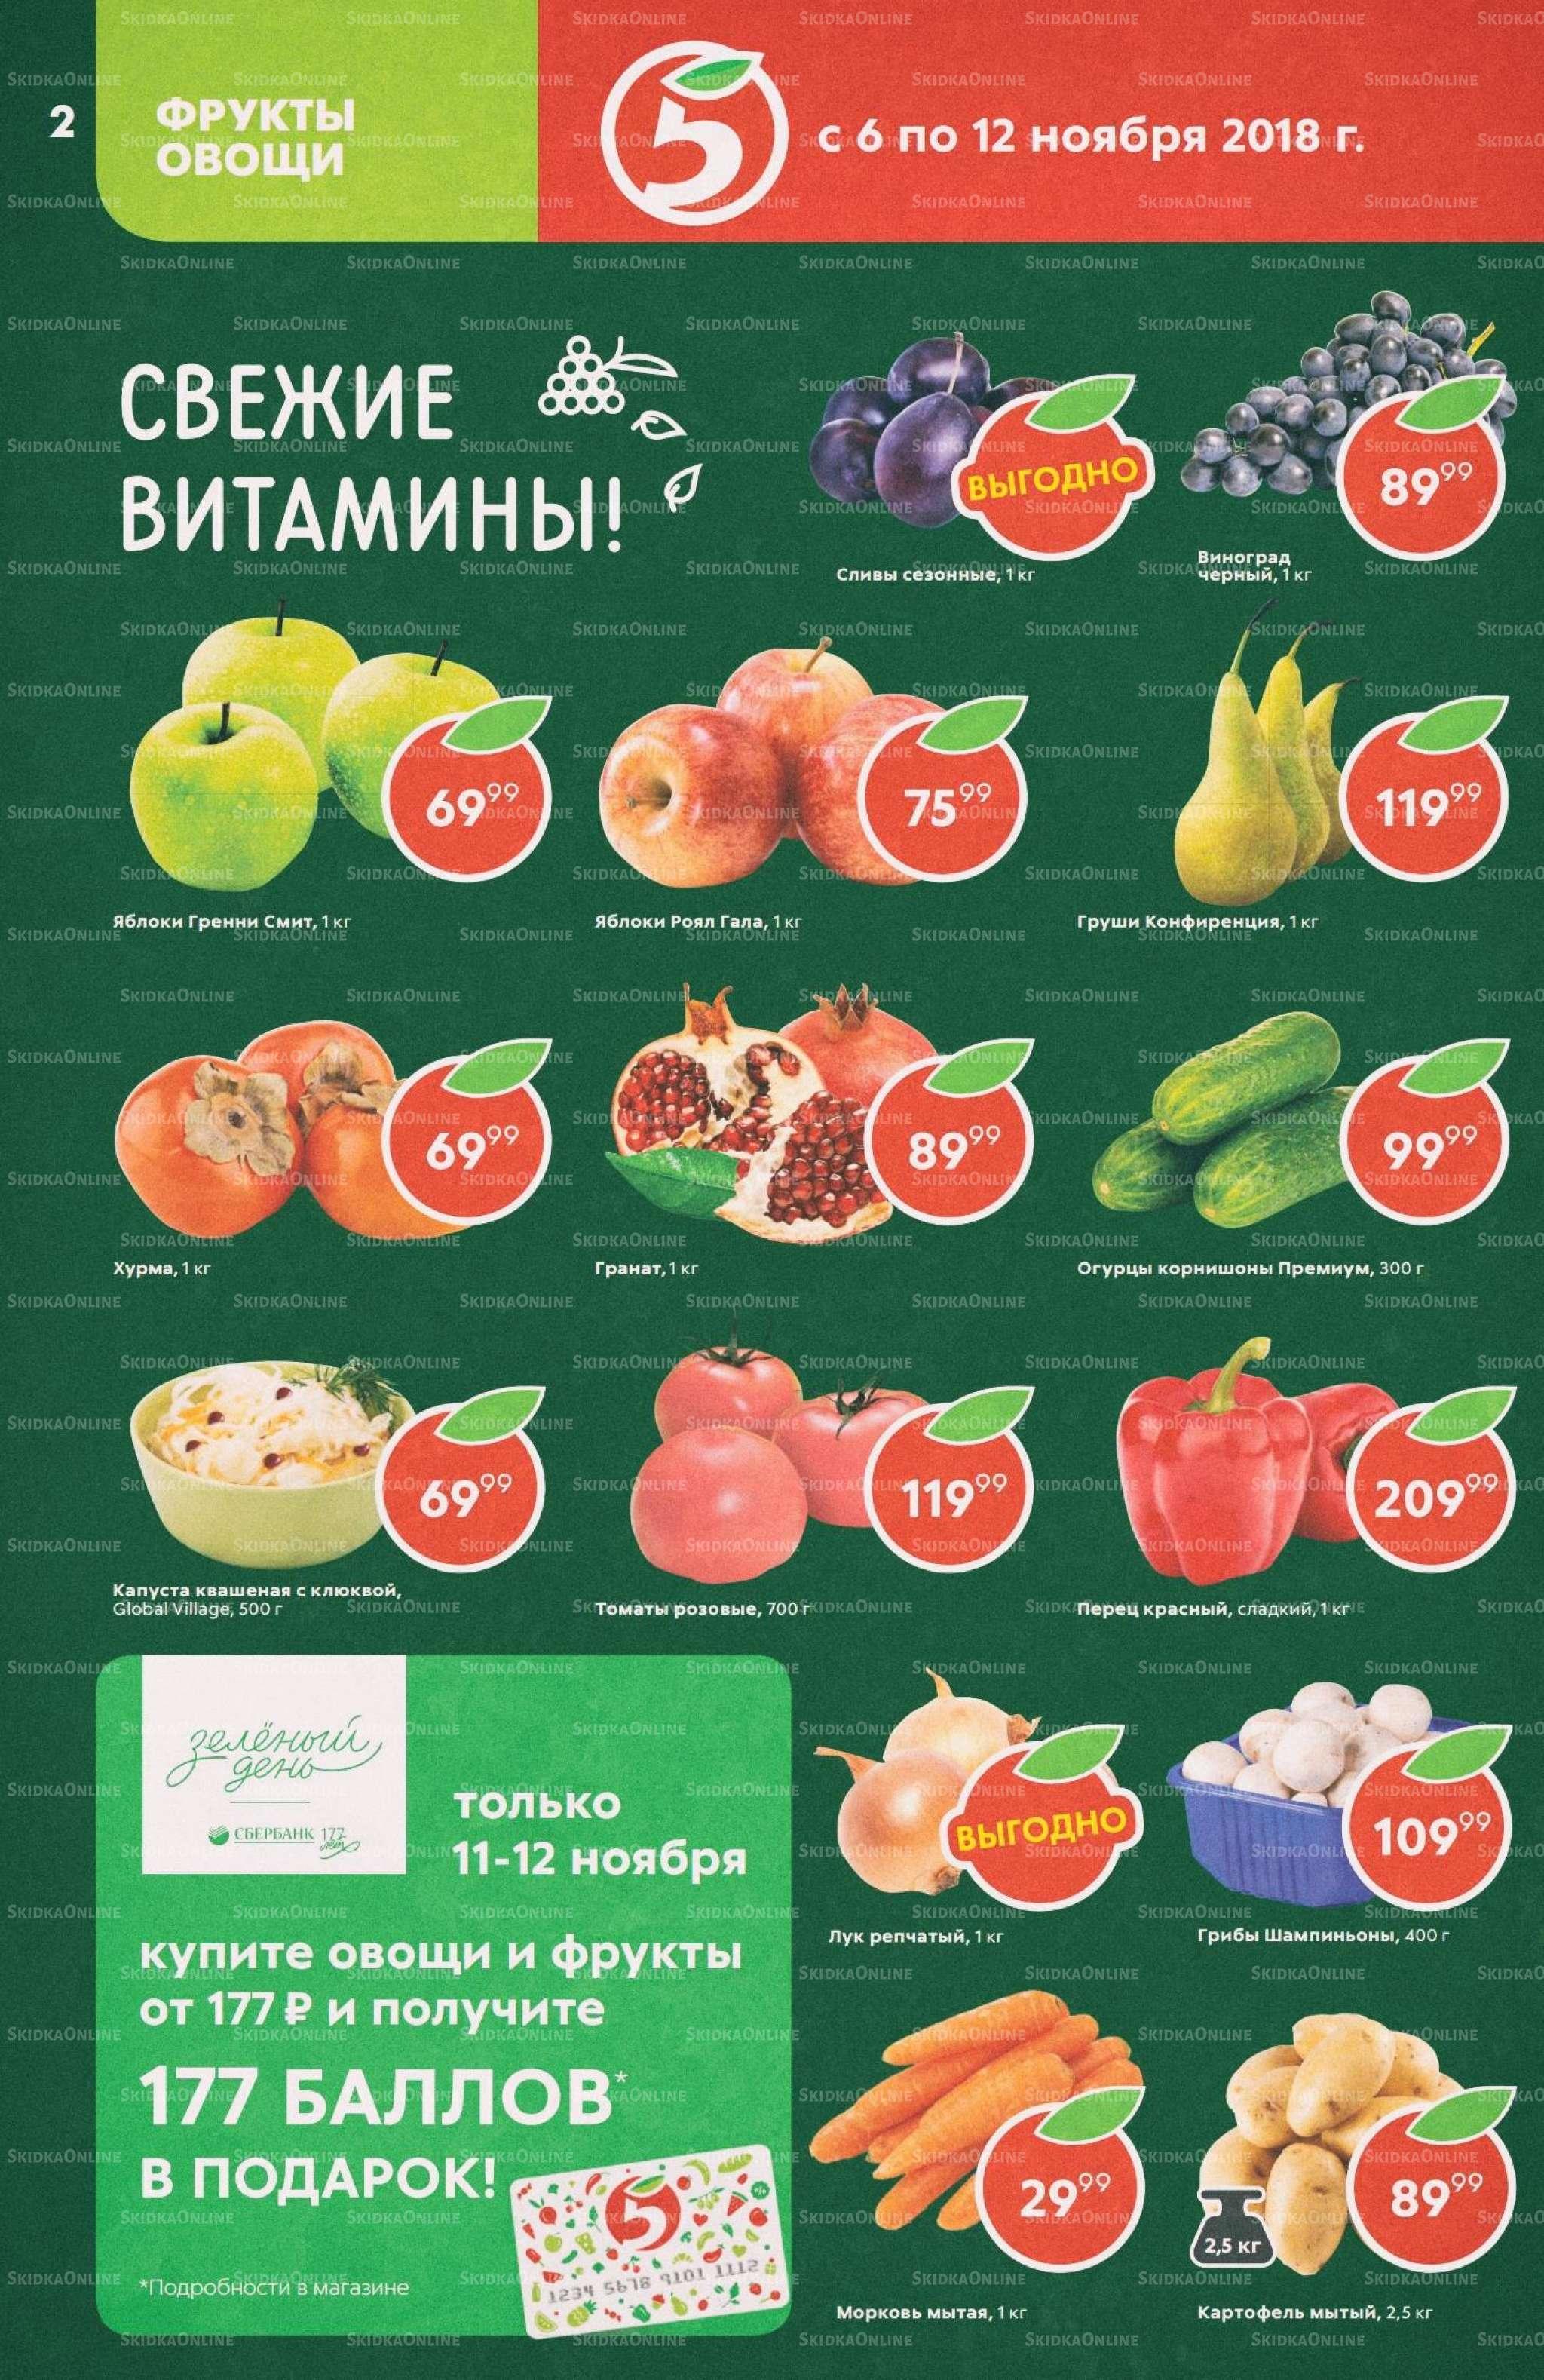 Акции в Пятёрочке с 6 по 12 ноября 2018 года